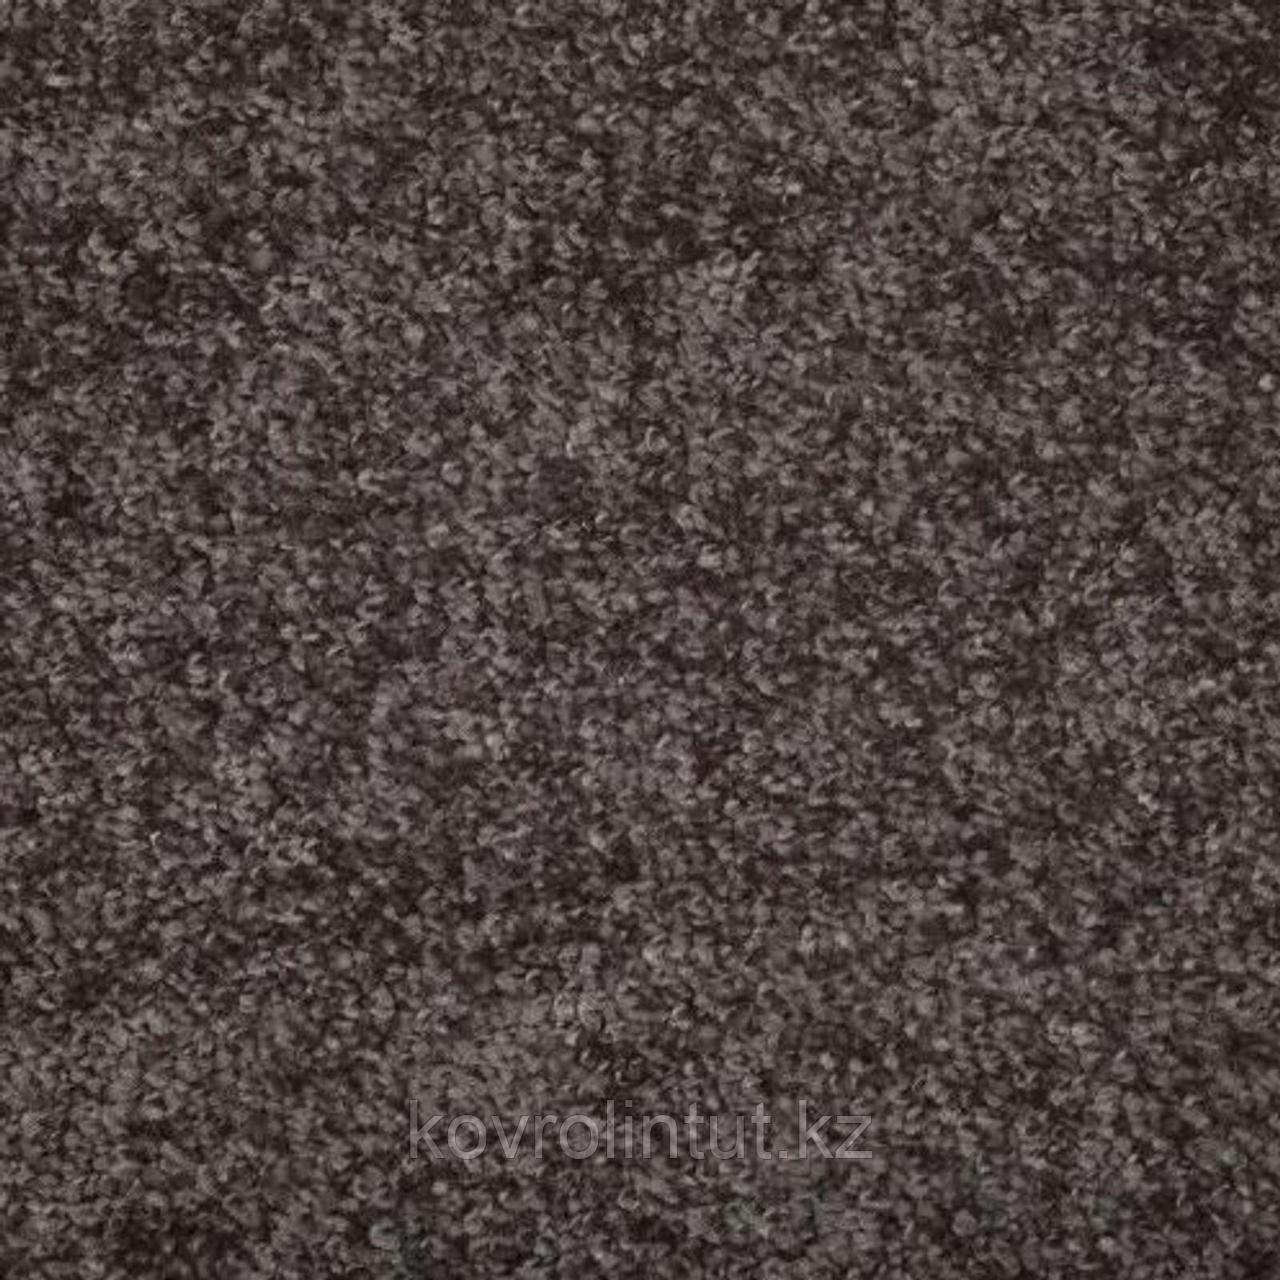 Покрытие ковровое Santa Fe 42, 4 м, коричневый, 100% РР